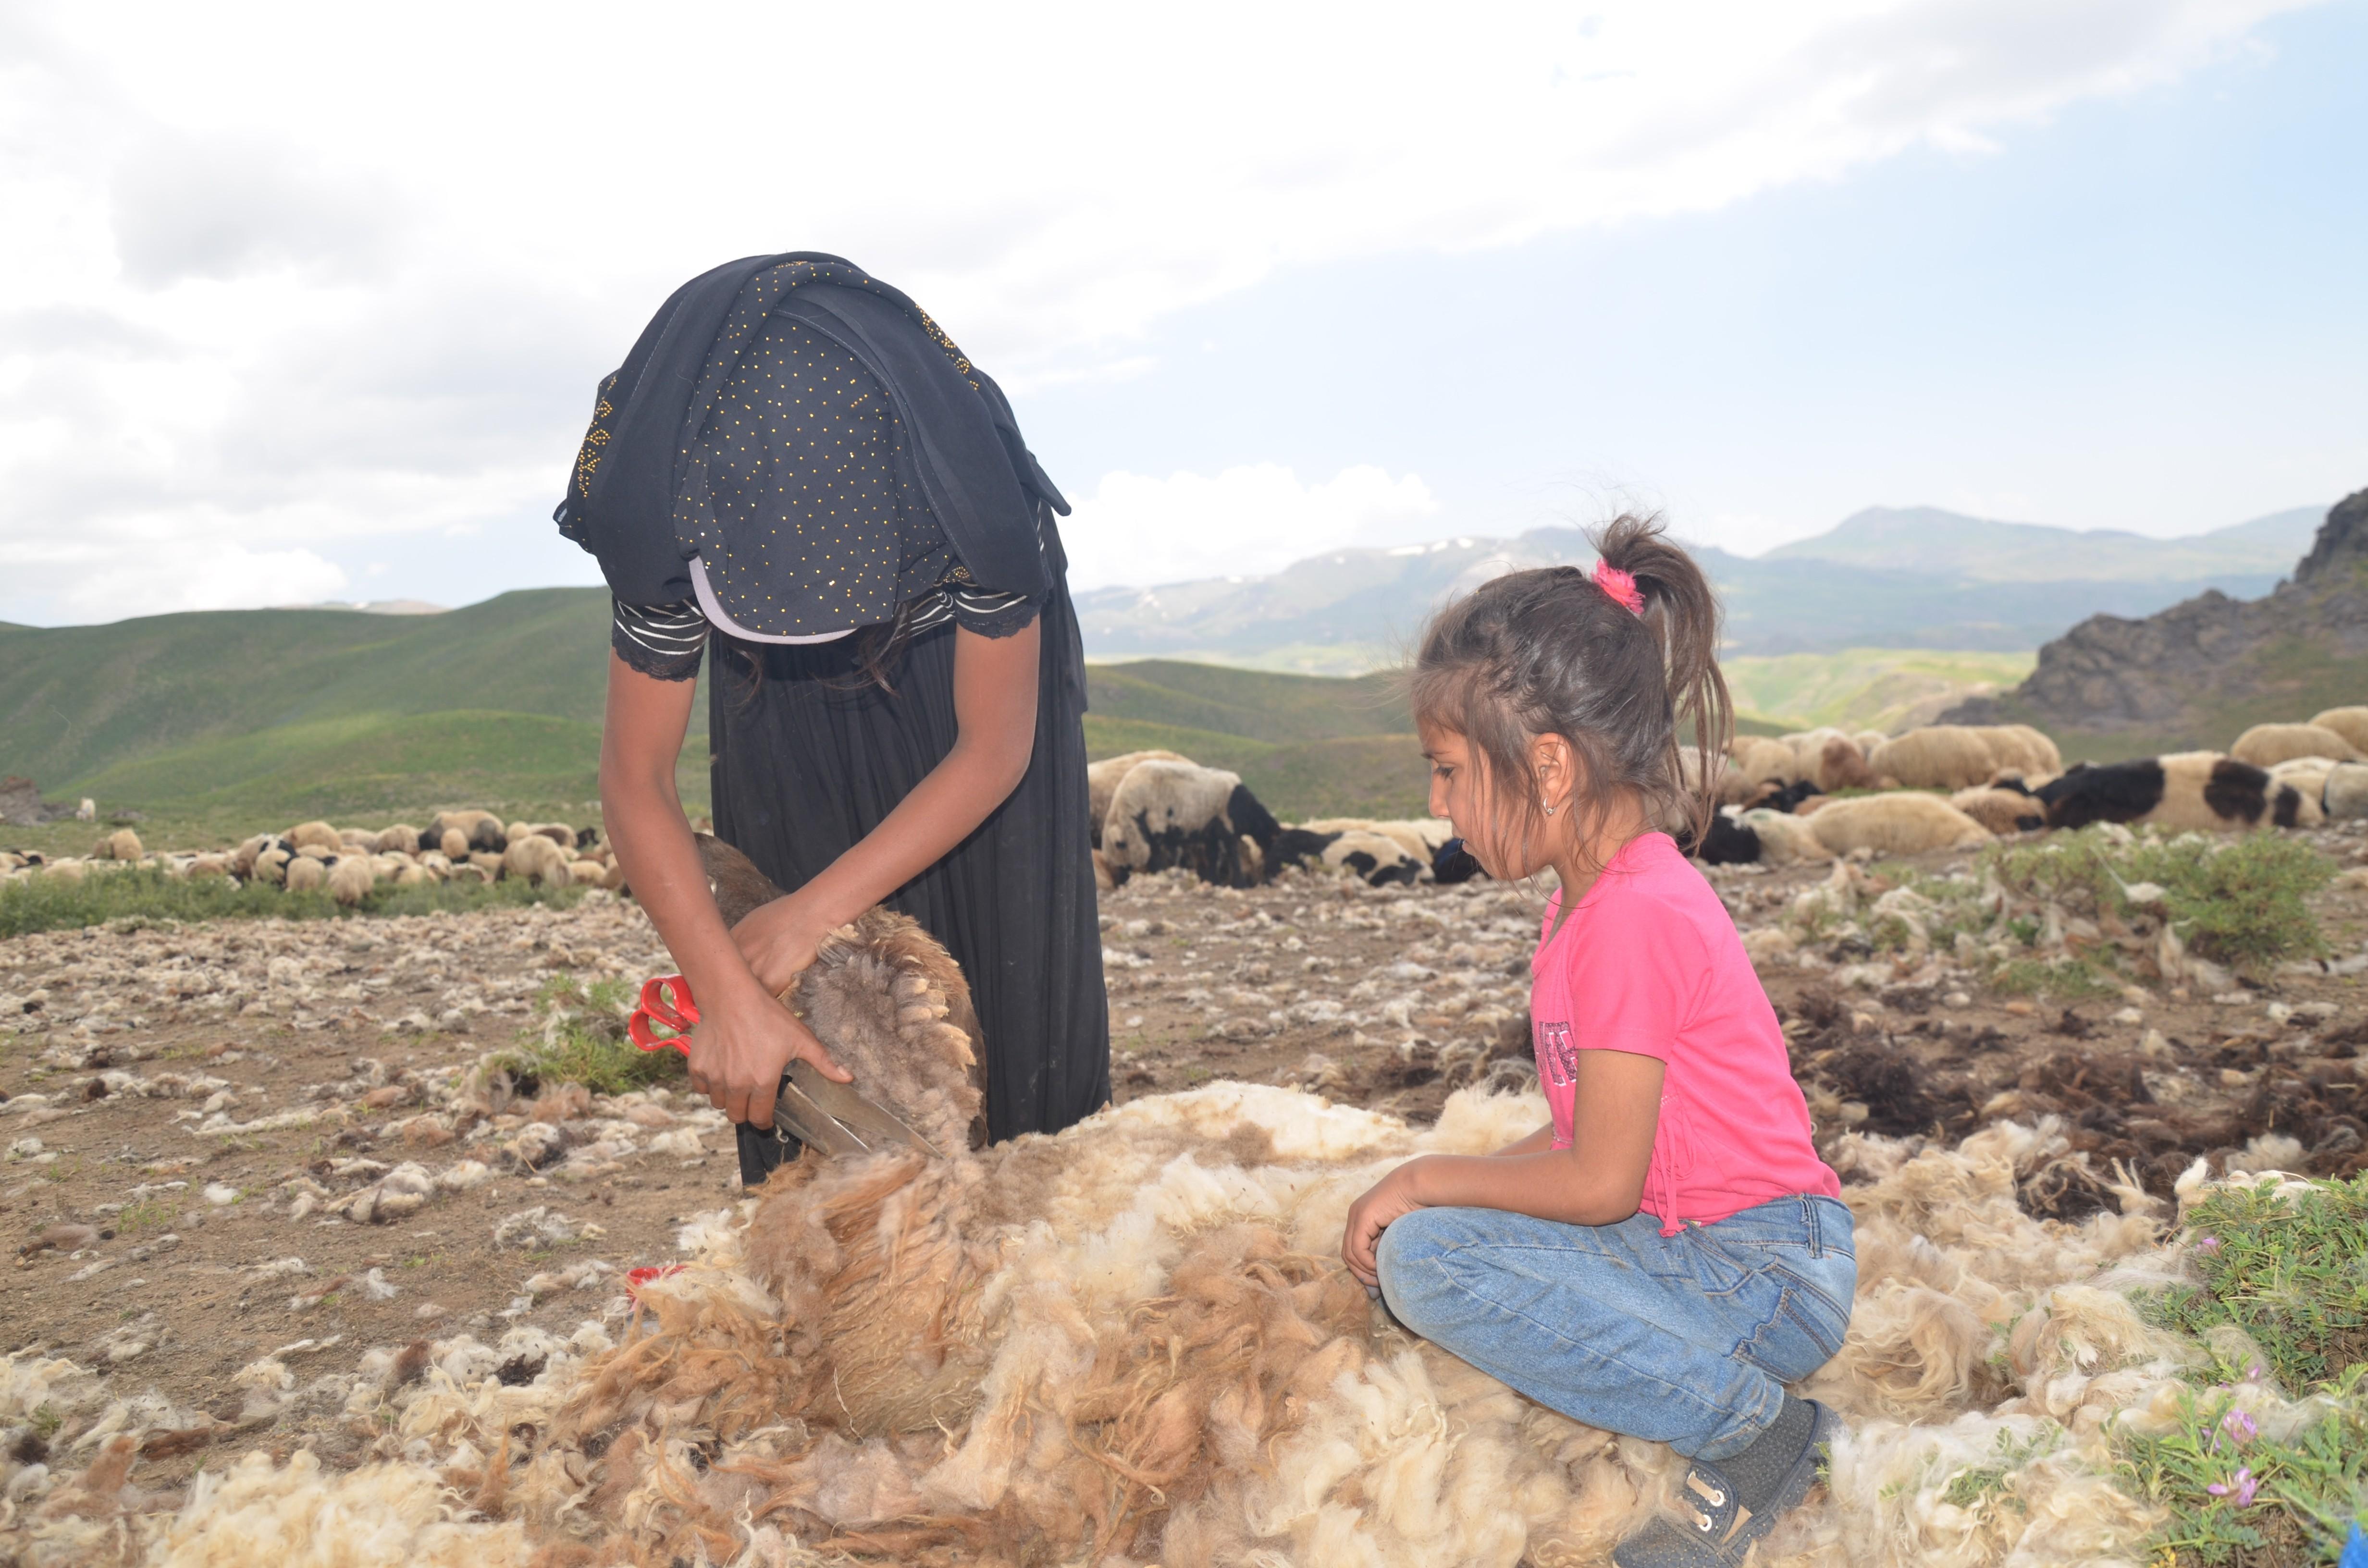 22 yaşındaki çoban kızın seslenişi: ''Nefret ettiğiniz hayatınızın değerini bilin''